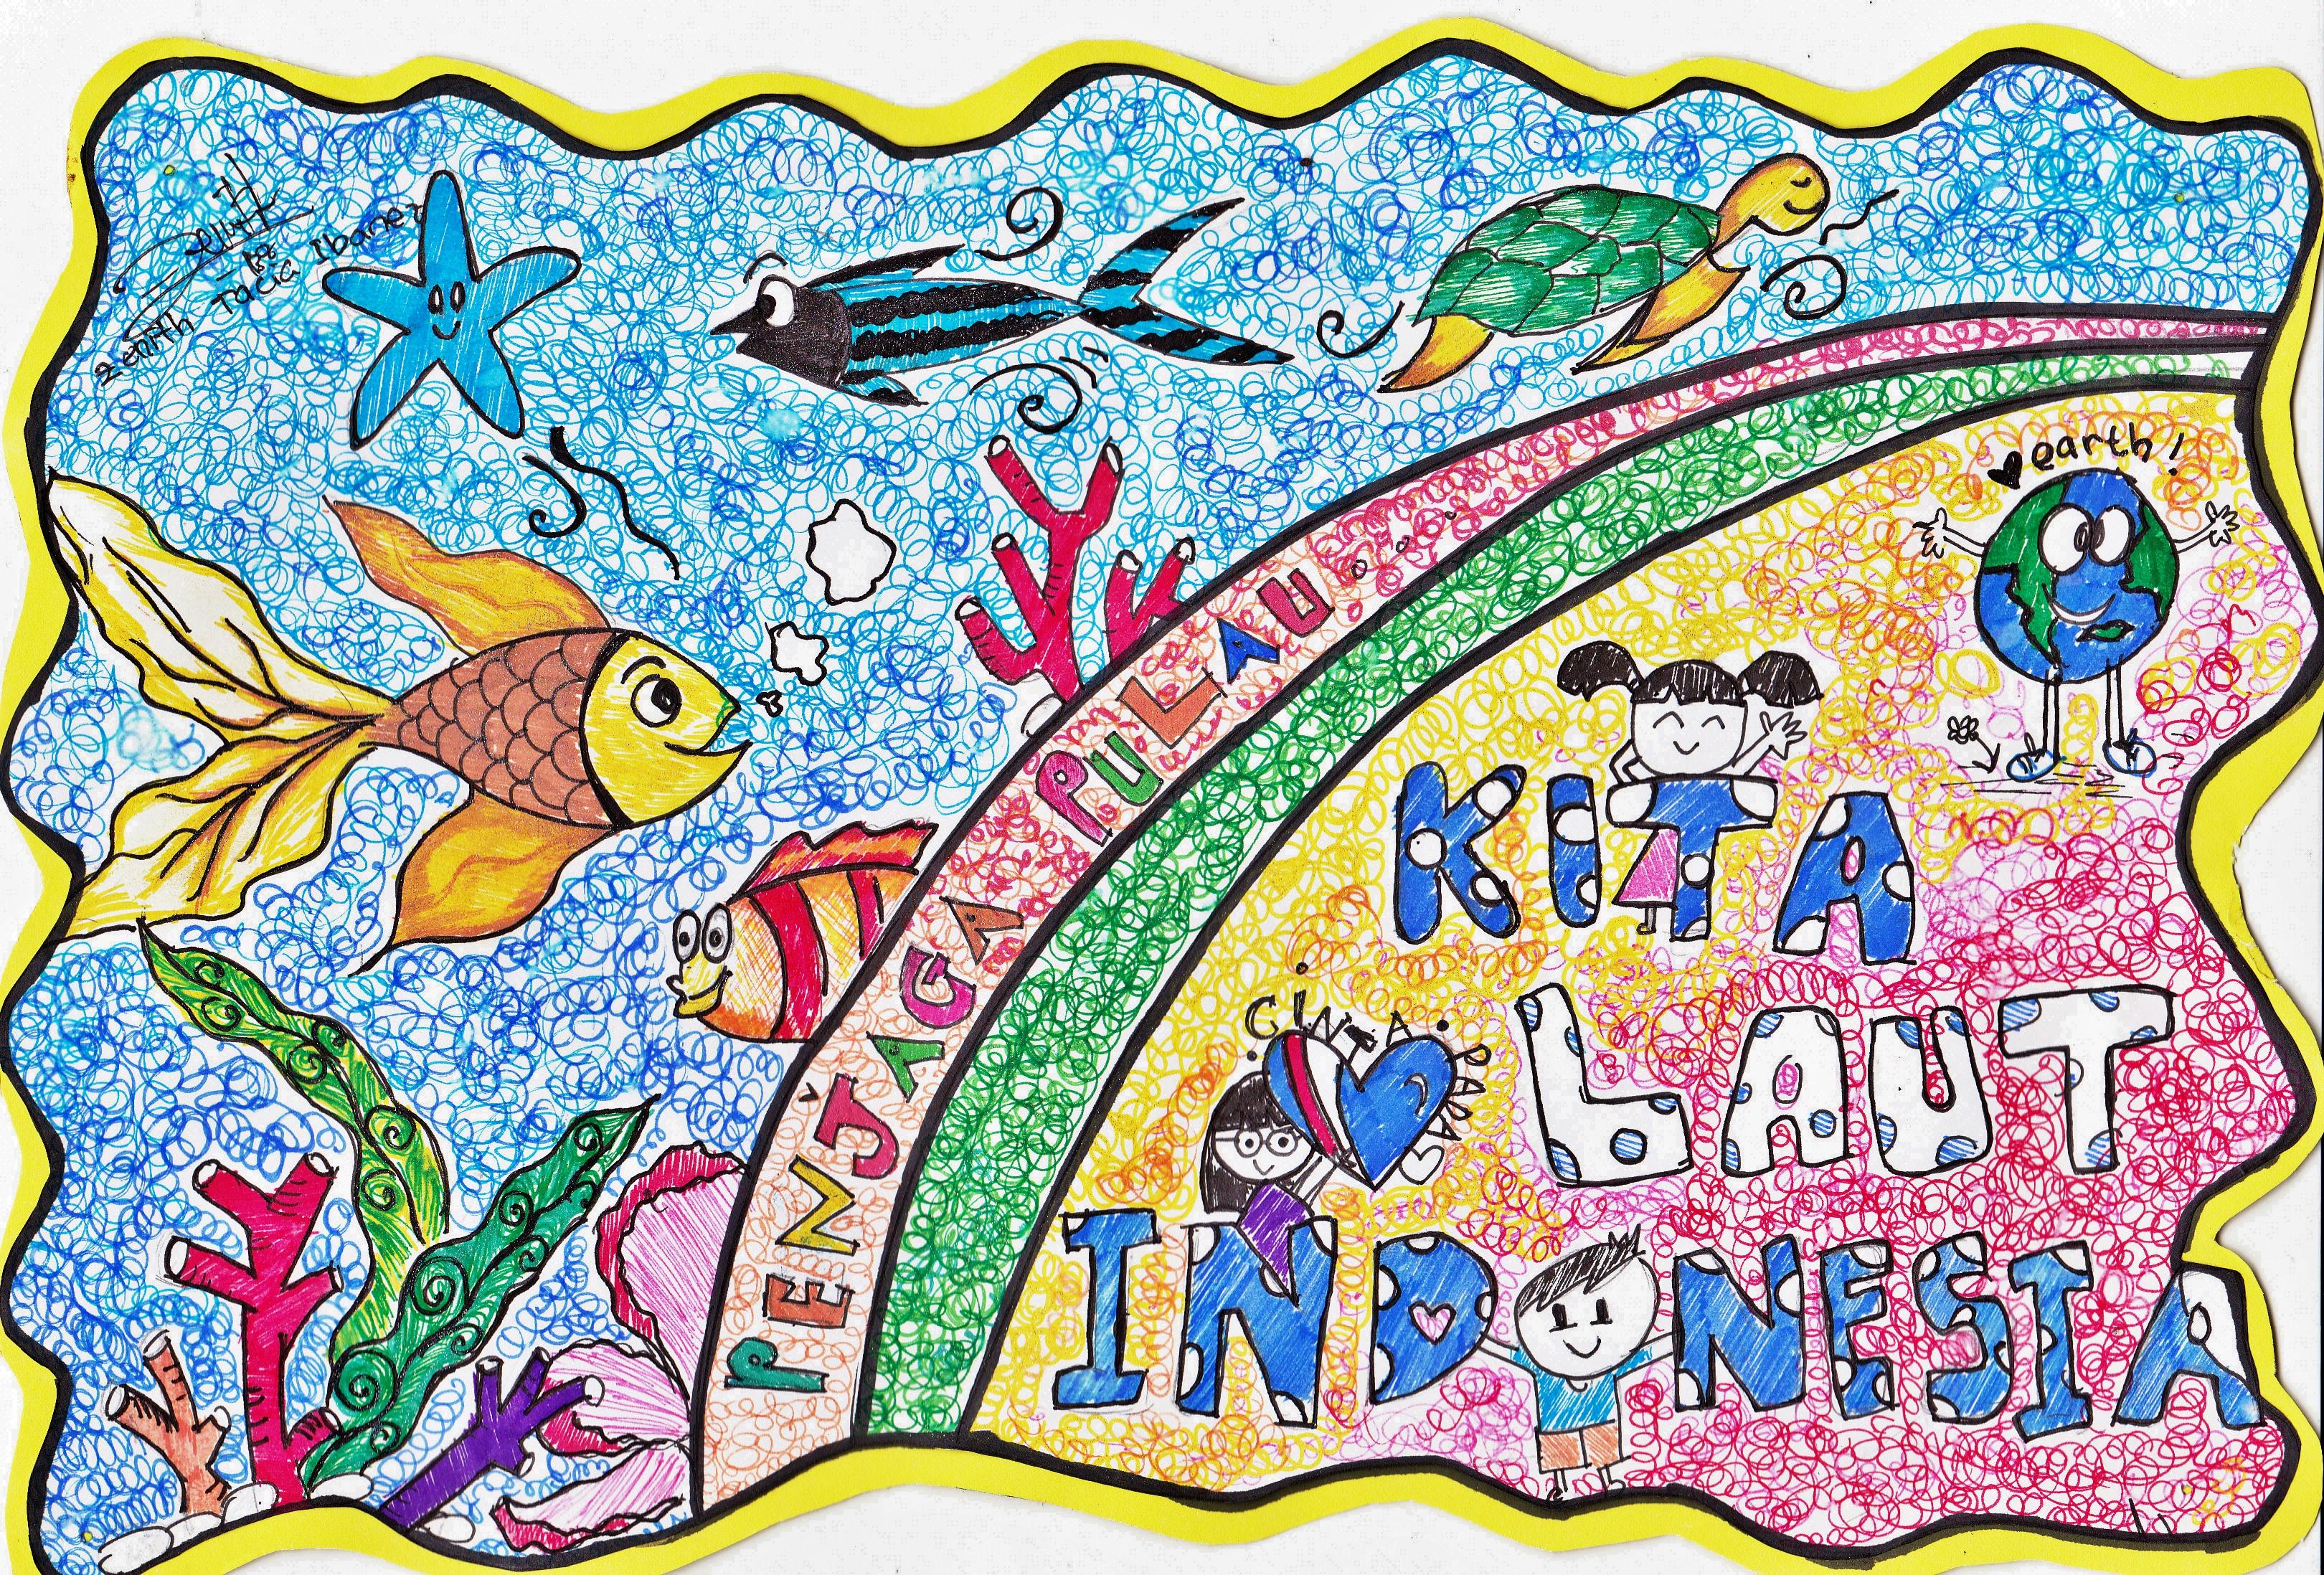 Terbaik Dari Poster Alam Laut Koleksi Poster